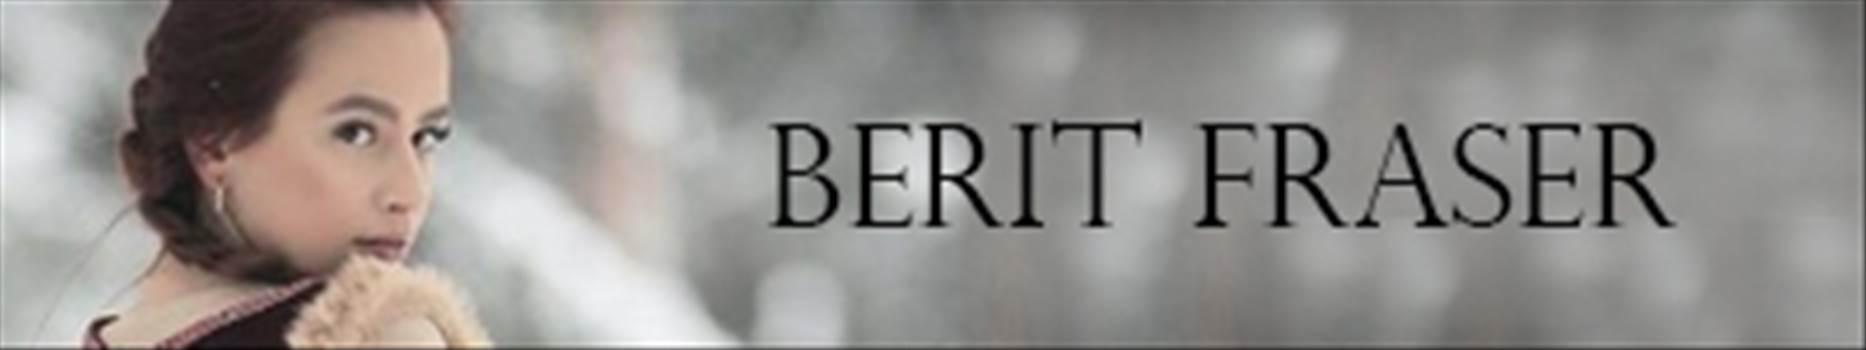 vangelis-berit.jpg by shoresofelysium